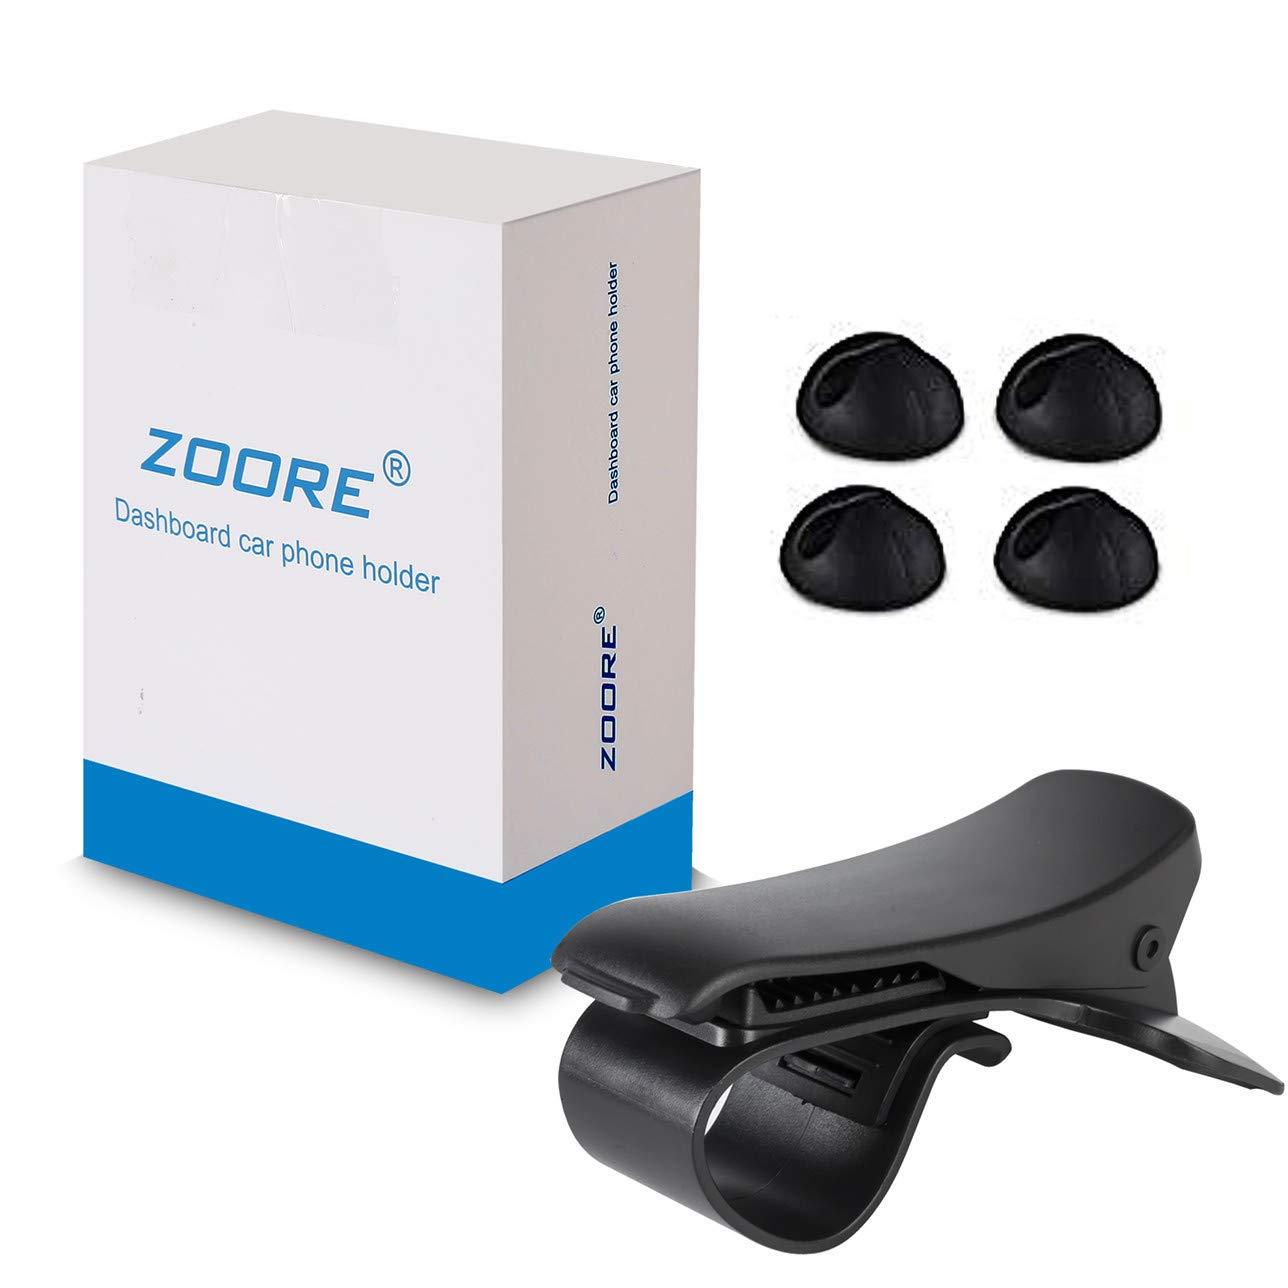 ZOORE Support Téléphone, Support Téléphone Voiture GPS HUD, Fixation Automobile sur Tableau de Bord Support pour Compatible iPhone X/8/8P/7/7P/6s/6/6P, Huawei, Samsung, HTC - Noir